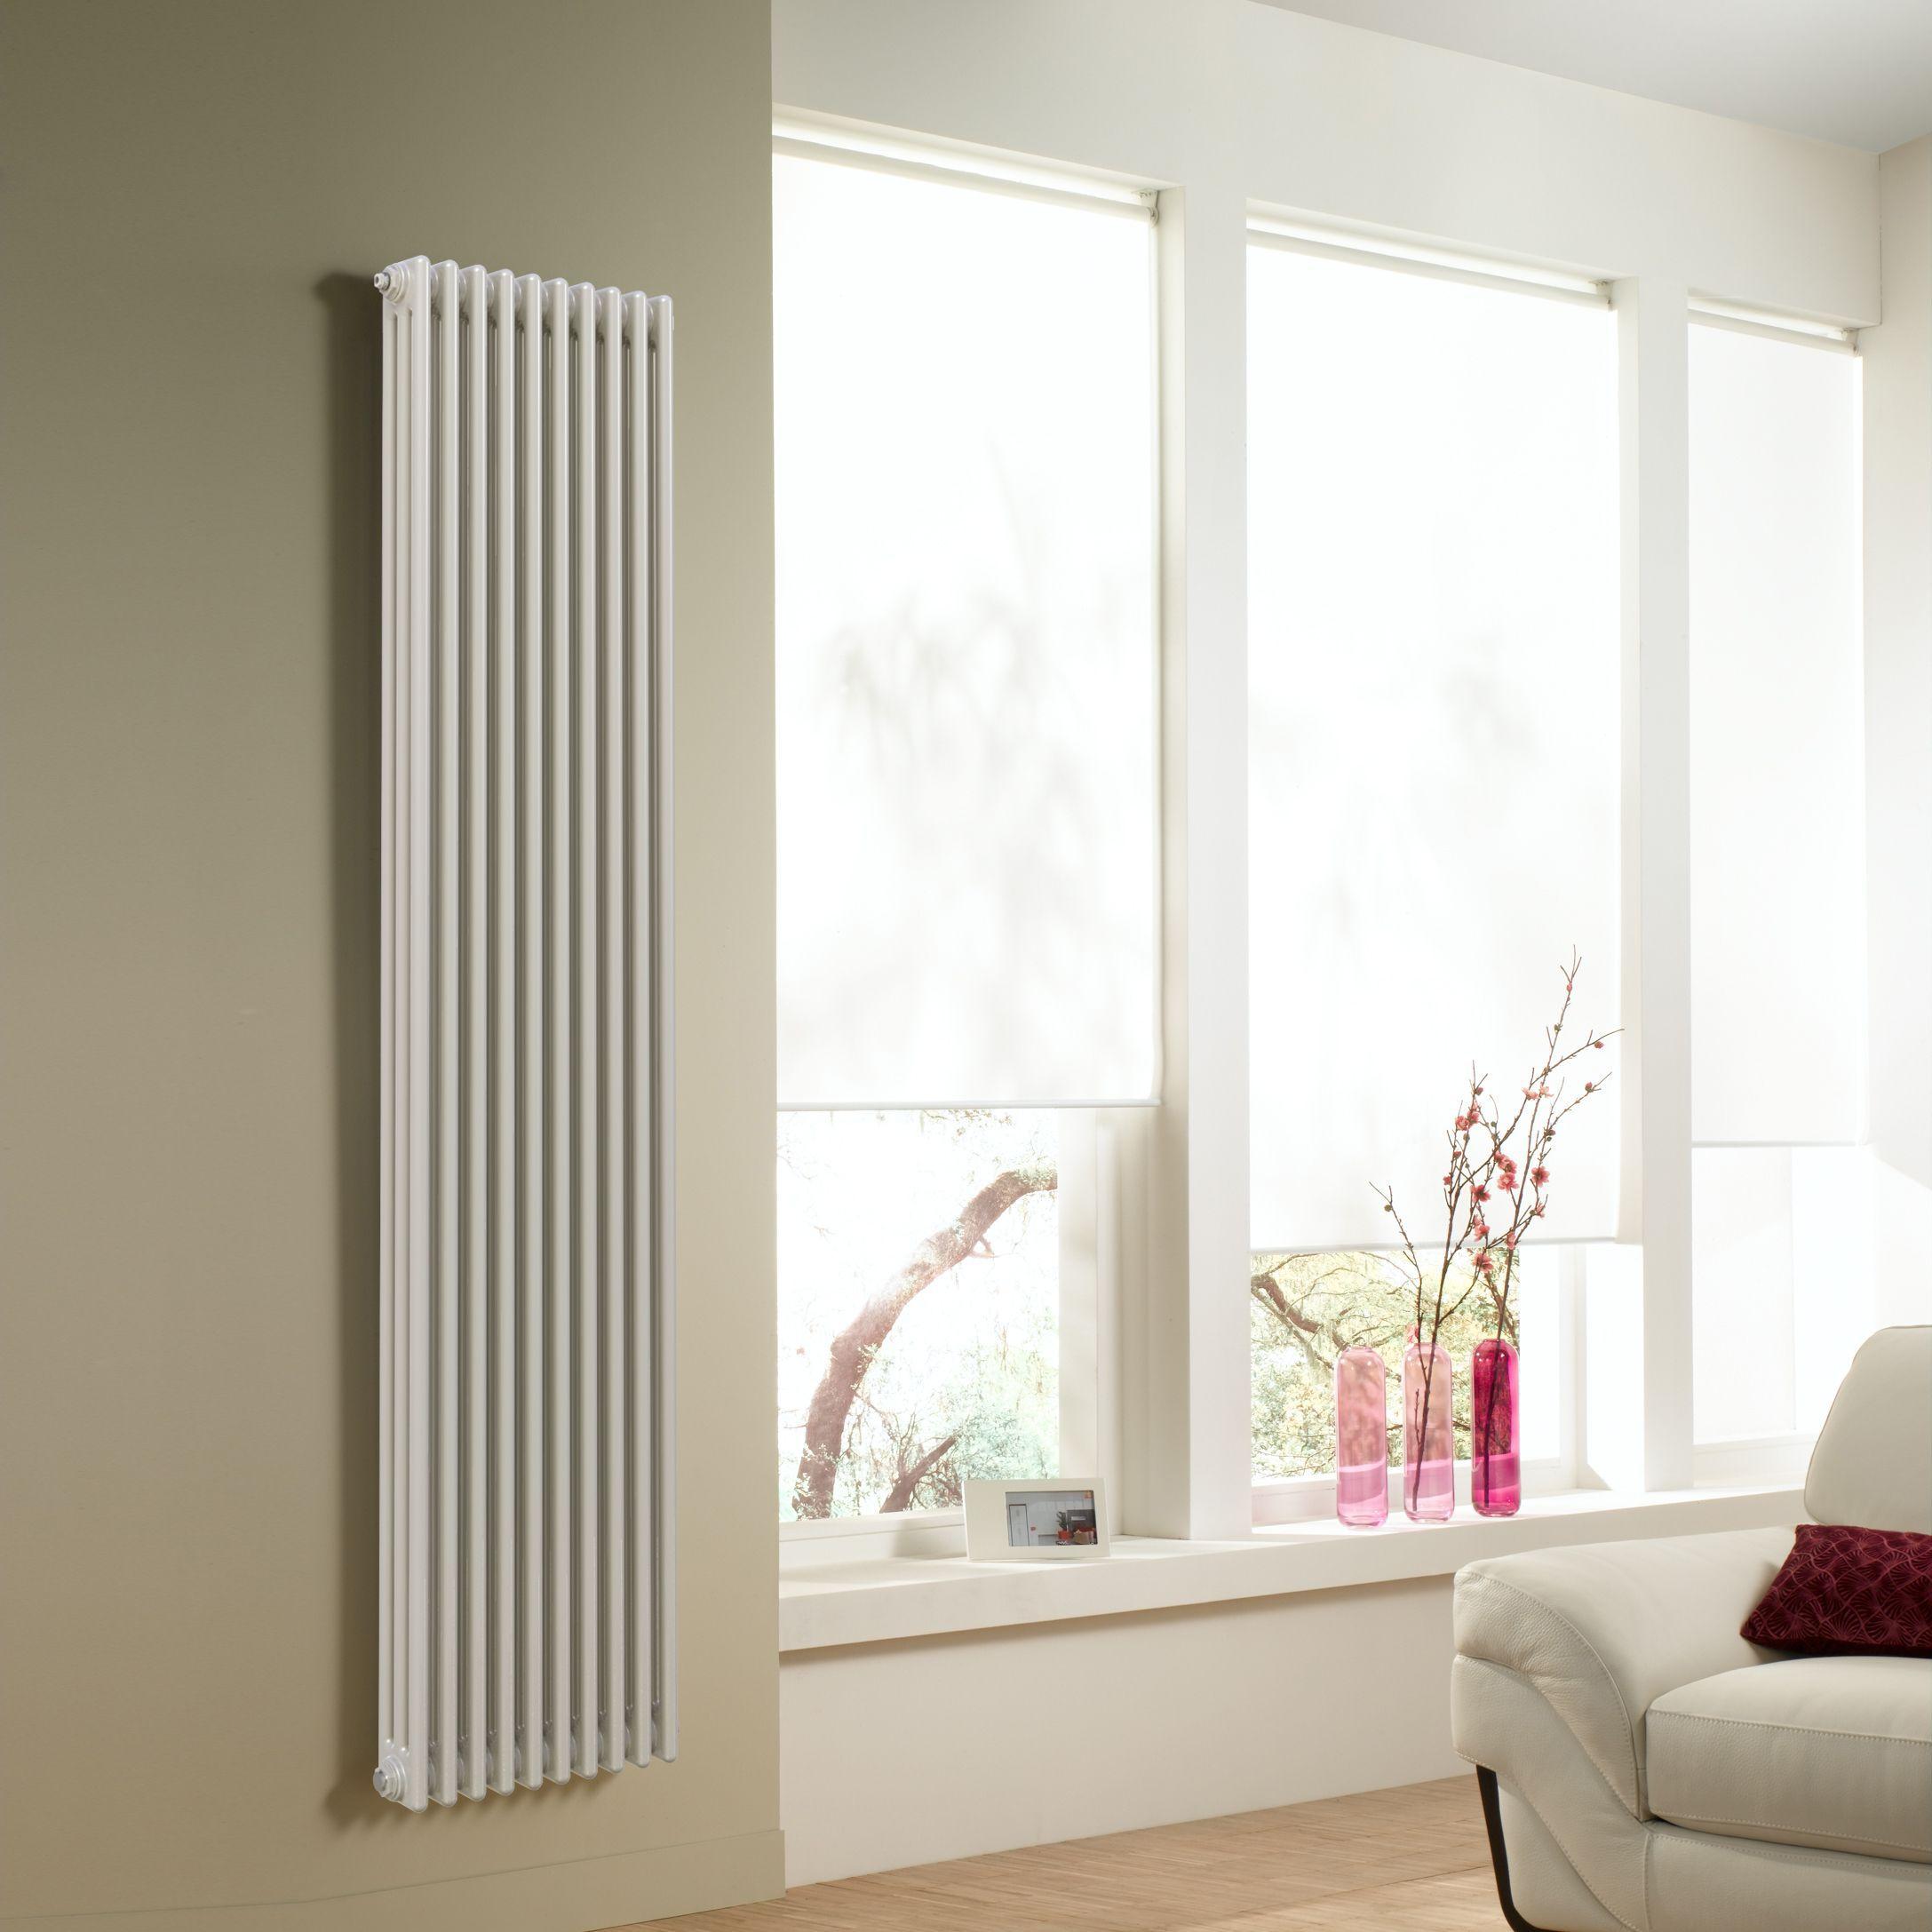 вертикальный радиатор отопления дизайн идеи